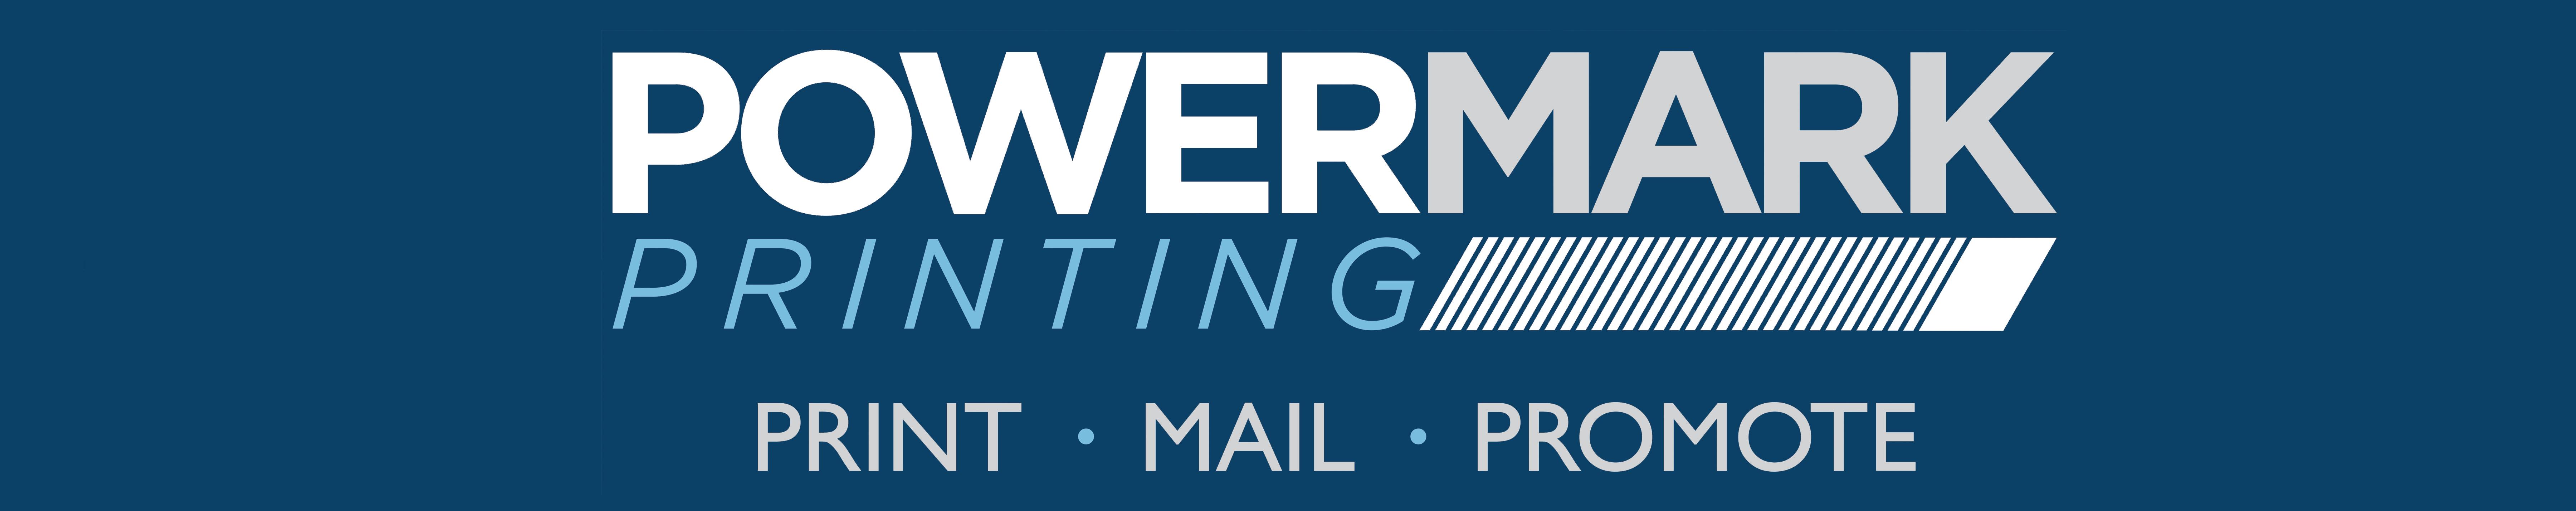 PowerMark Printing LLC